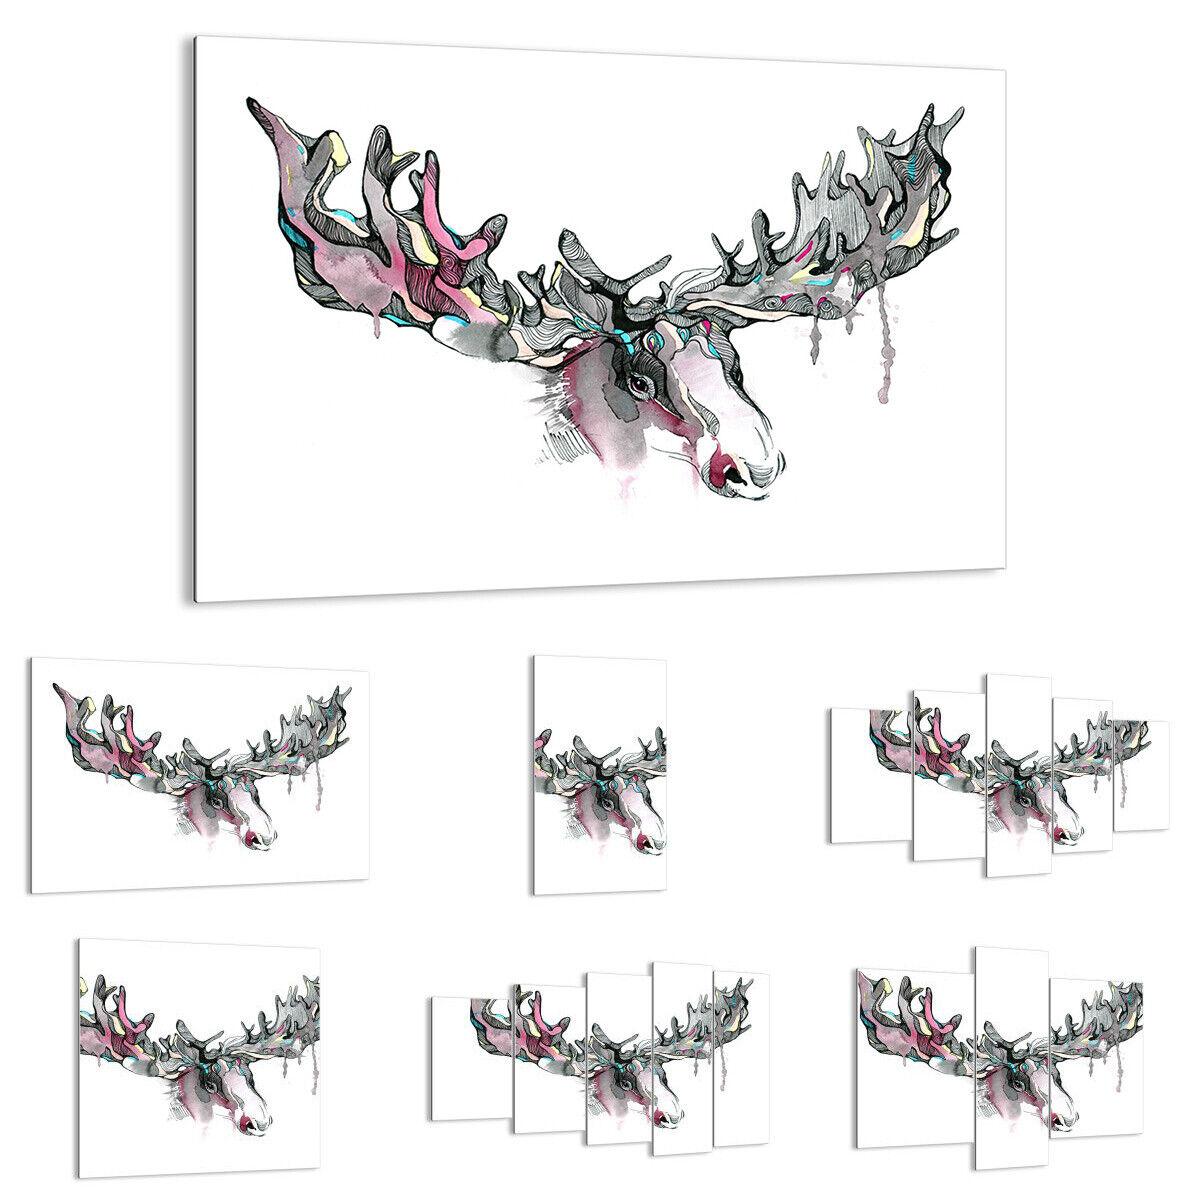 GLASBILD Wandbild Deko Moose Bunt Kopf Abbildung 3033 DE